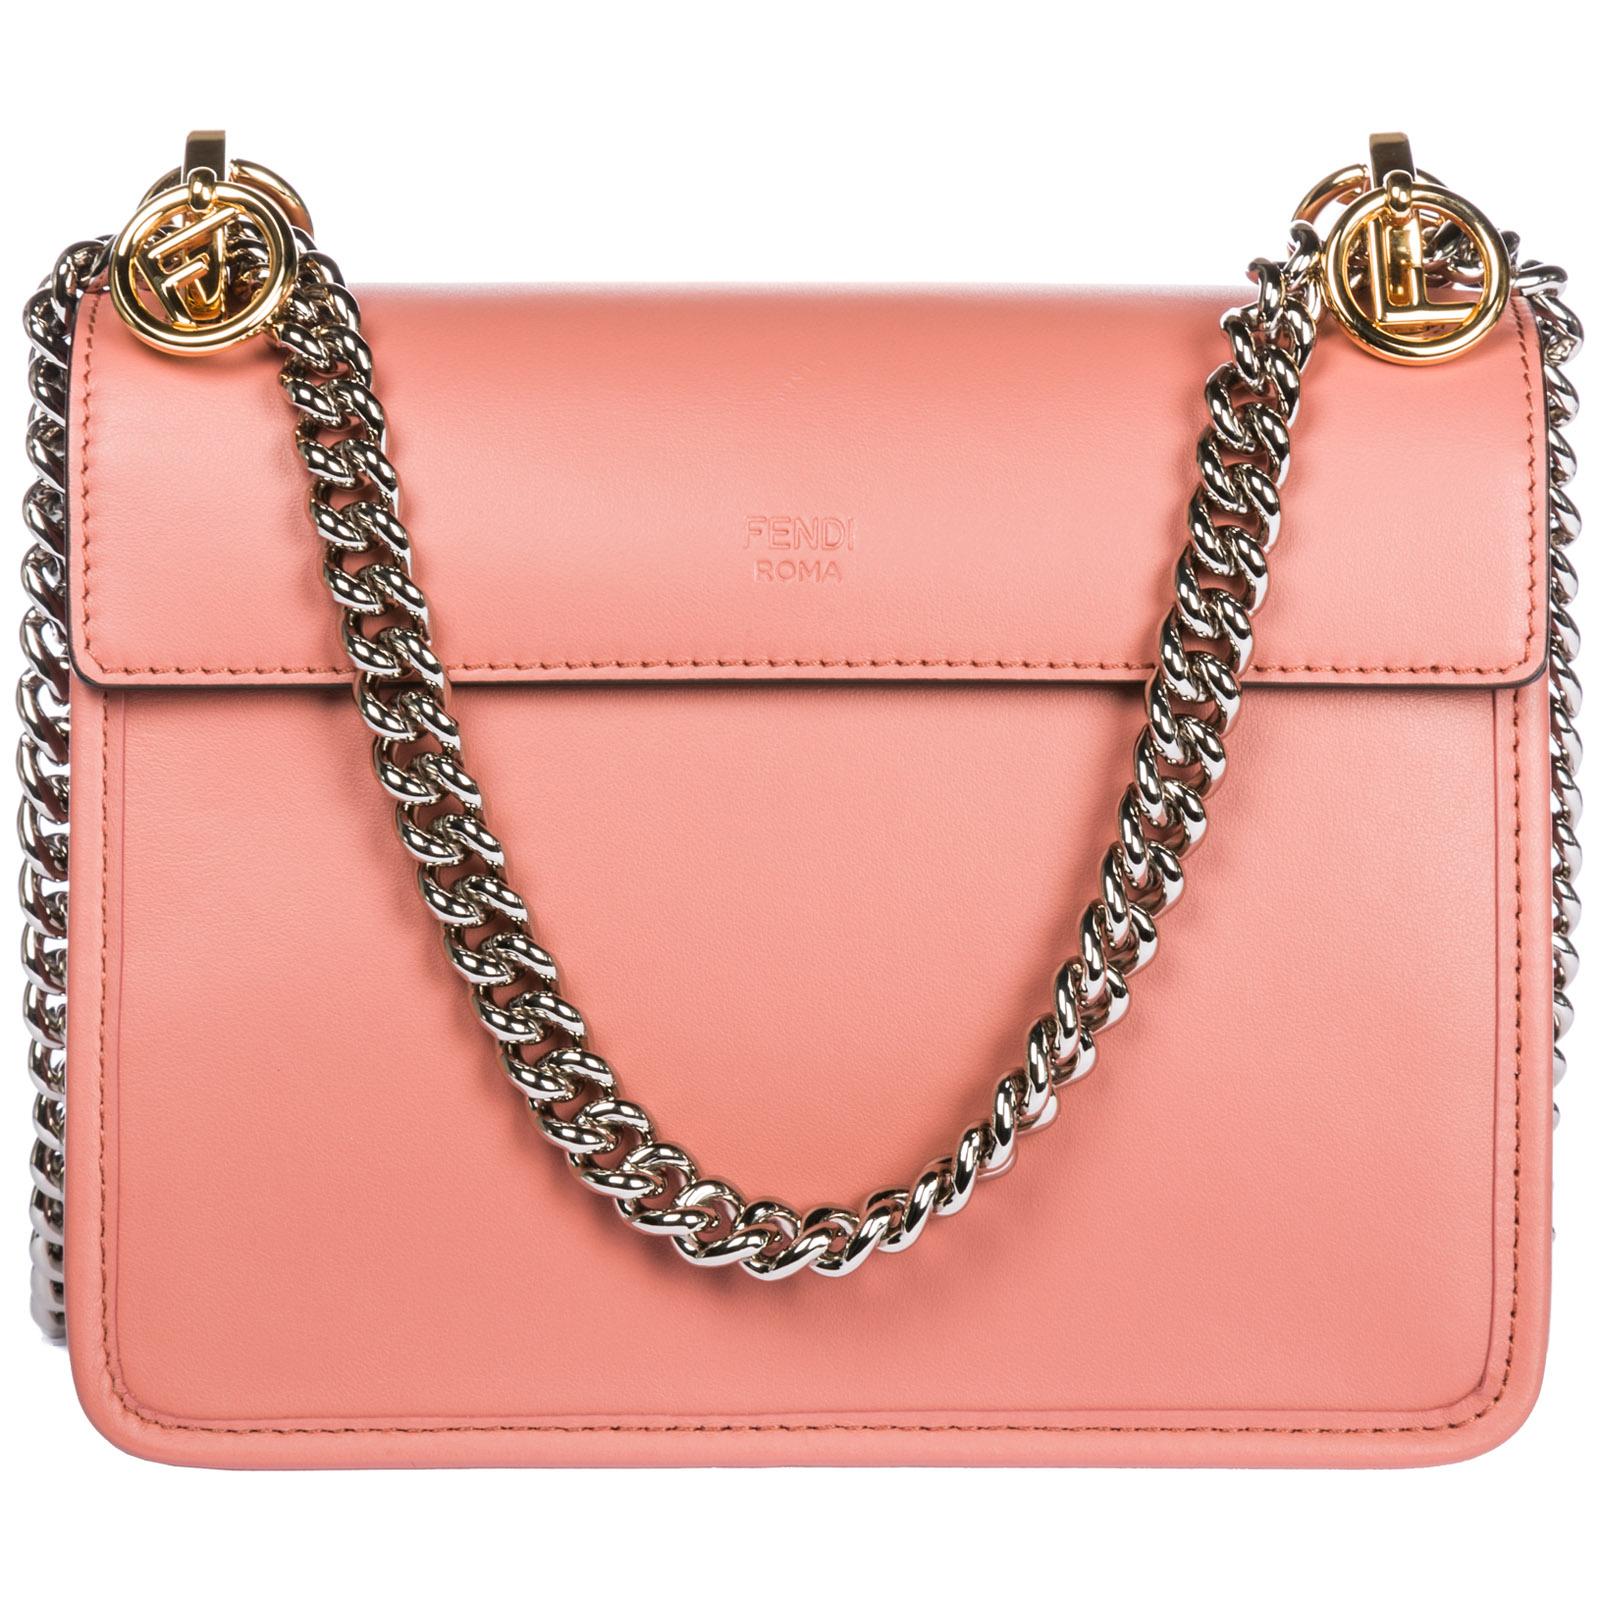 d398edad4720 ... Women s leather shoulder bag kan i piccola logo ...